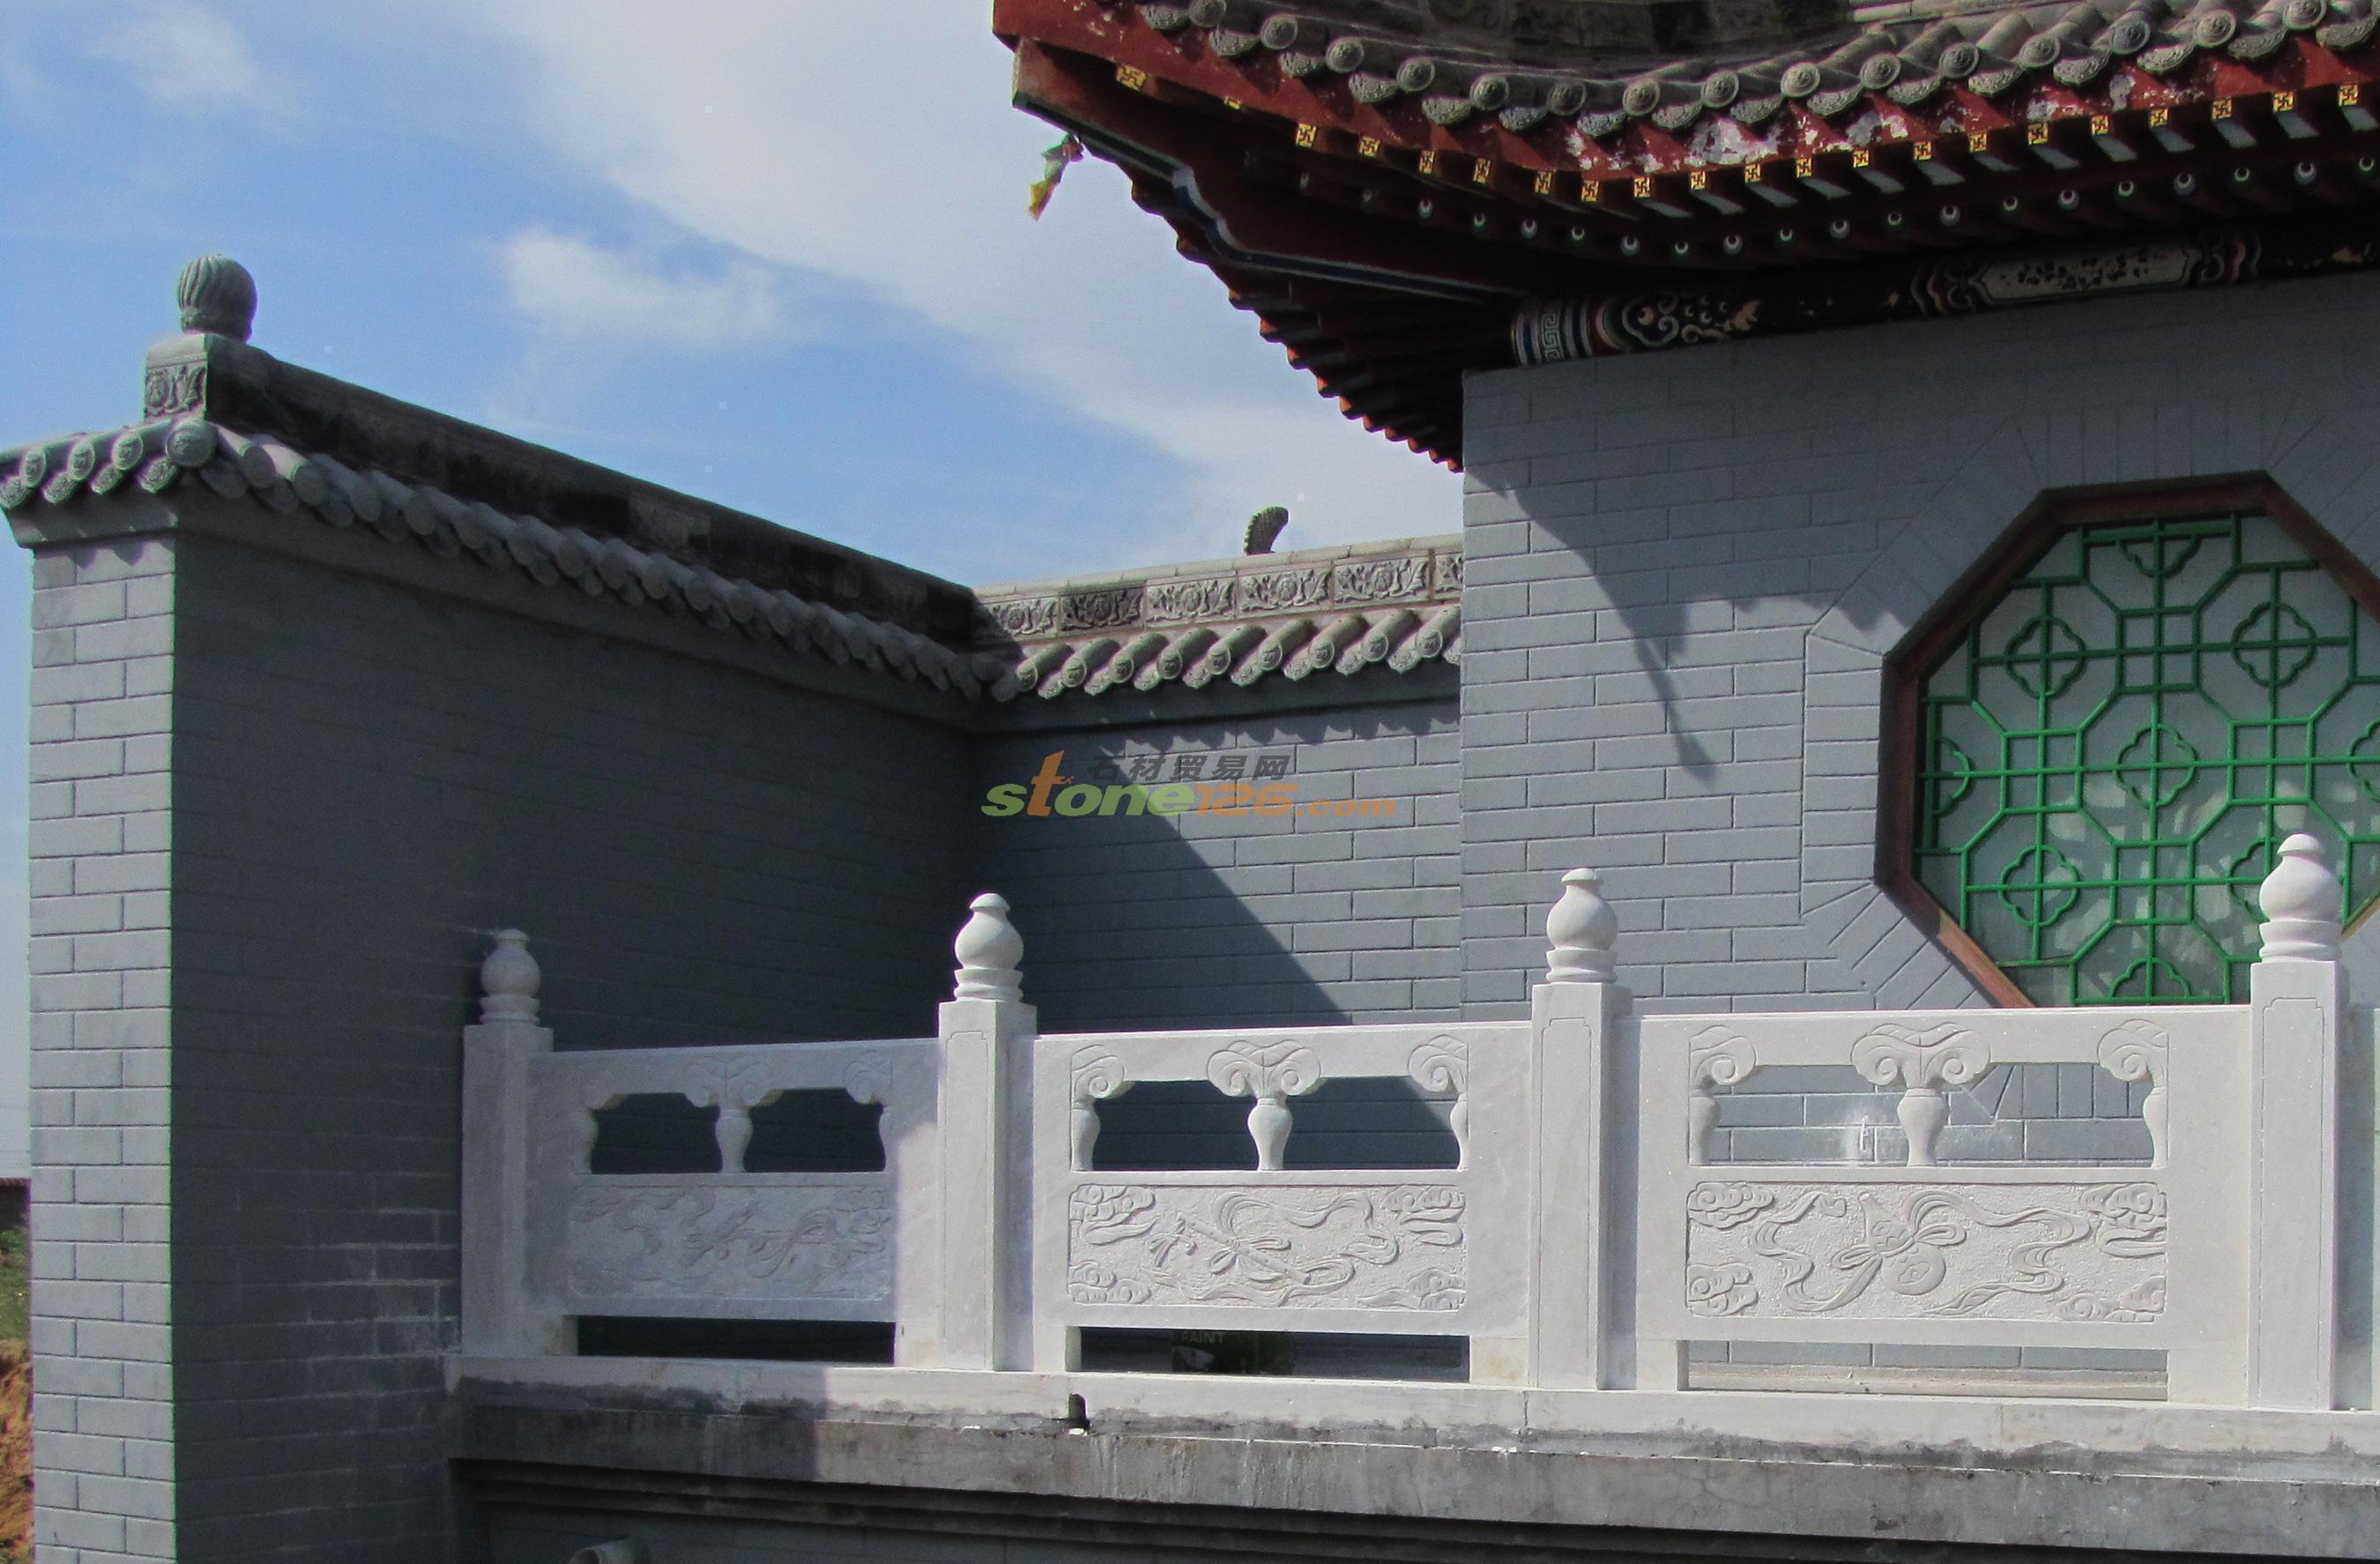 """电话0312-4284160坐落于:""""中国雕刻之乡""""---曲阳.我厂在中国知名的(雕刻之乡)河北省曲阳县,石雕厂占地面积9600平米、石雕工艺师多名、于石雕雕塑设计、生产、安装、售后维护、整体性作业一体化服务。我们有技术过硬的石雕生产及安装团队,可以承接国内外各种大小型石雕雕塑工程,能够保证石雕和雕塑产品工程、在预期内顺利交付使用,我厂不仅有传统风味的石雕雕塑、也有欧式类石雕雕塑产品、让您在这里感受到全世界的石雕气息与款式,交通便利, 曲阳石雕有着两千多年的石雕历史,石雕工巧匠层出"""